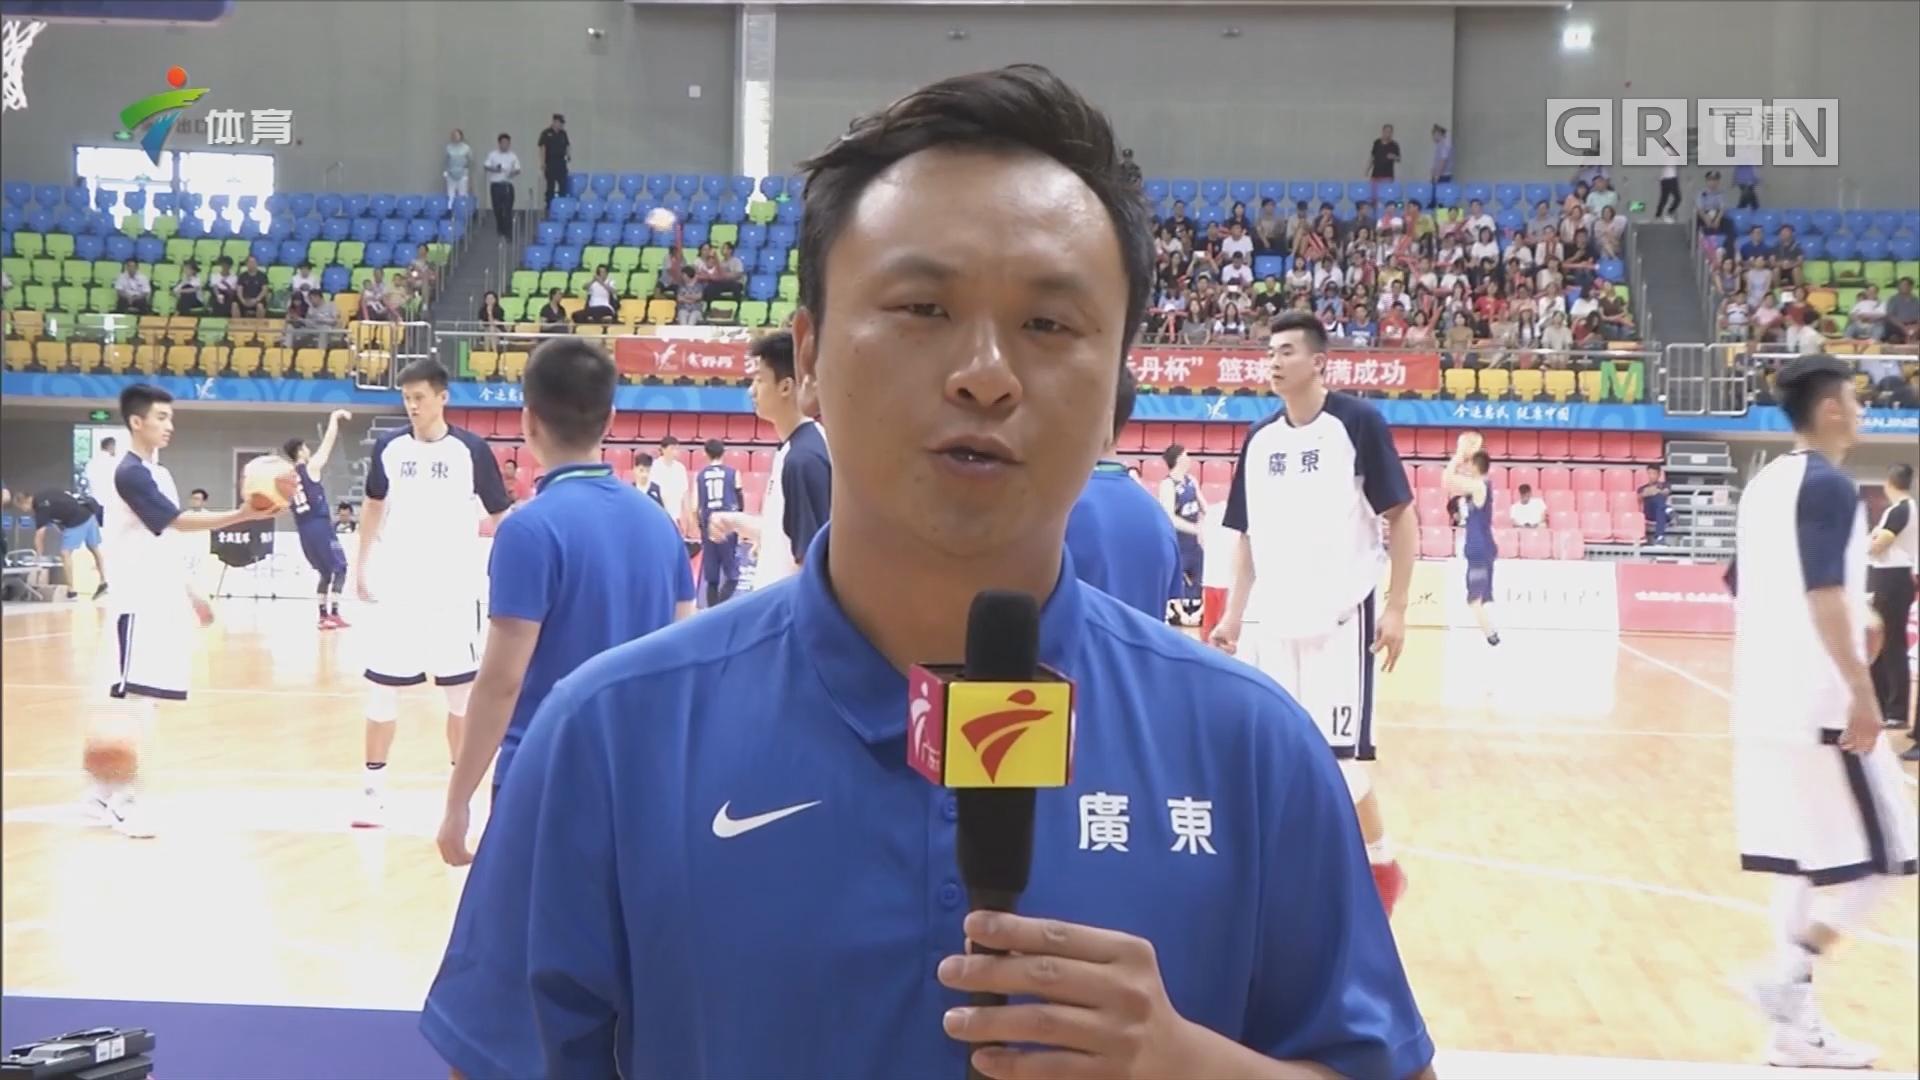 广东体育记者总结此次全运会